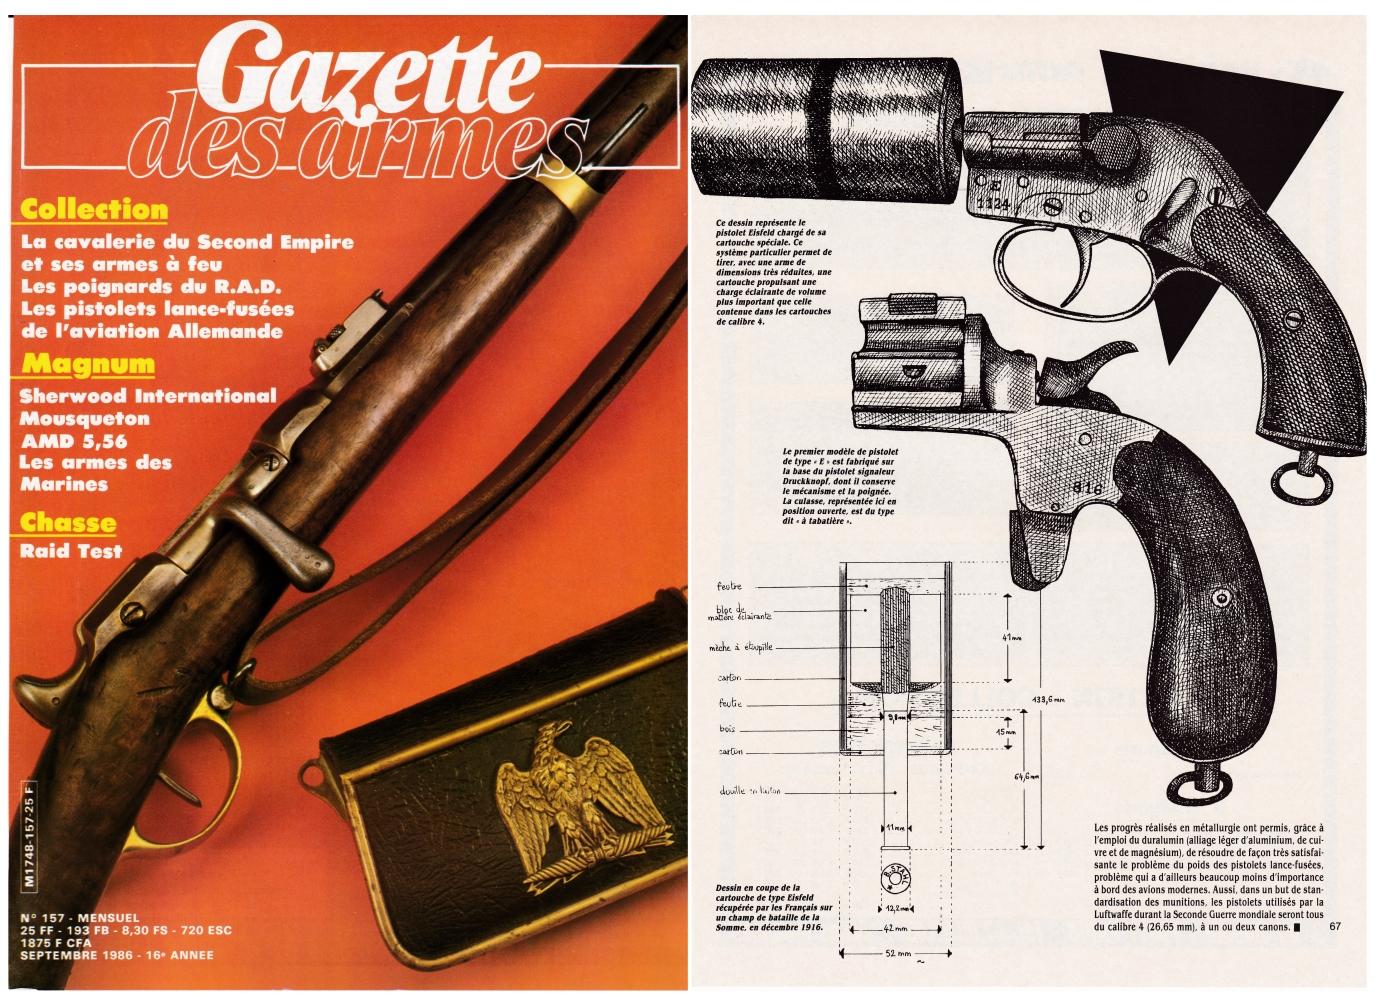 Les pistolets lance-fusées de l'aviation allemande de 14-18 ont fait l'objet d'une publication sur 4 pages dans le magazine Gazette des Armes n°157 (septembre 1986).